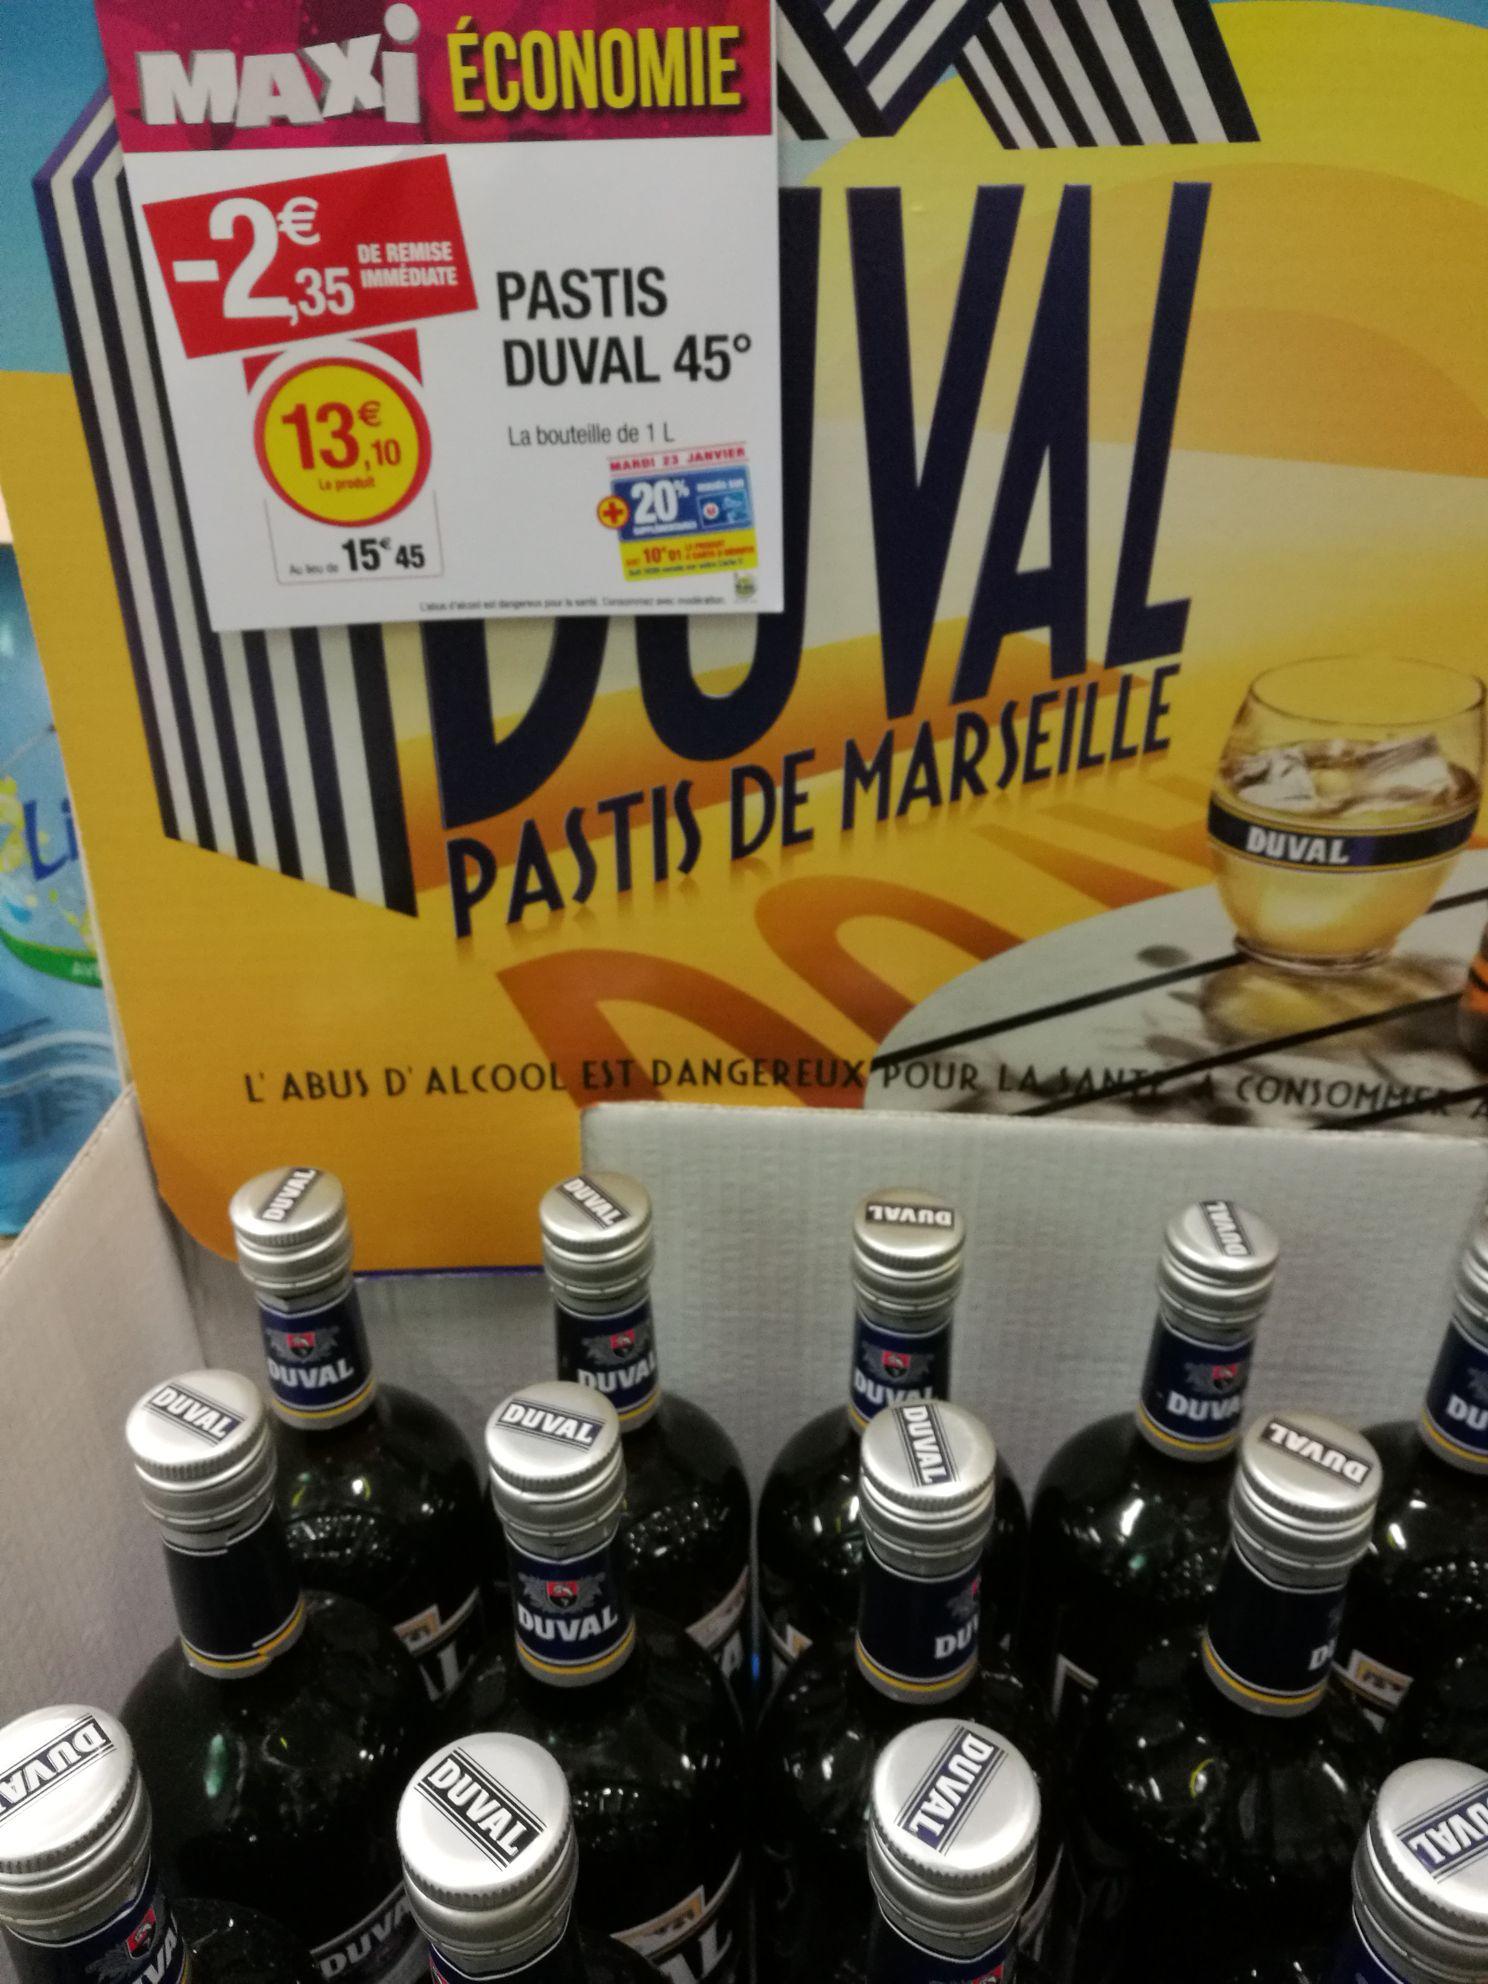 Bouteille de Pastis Duval  (via 2.62€ sur la carte + BDR) - Agde (34)